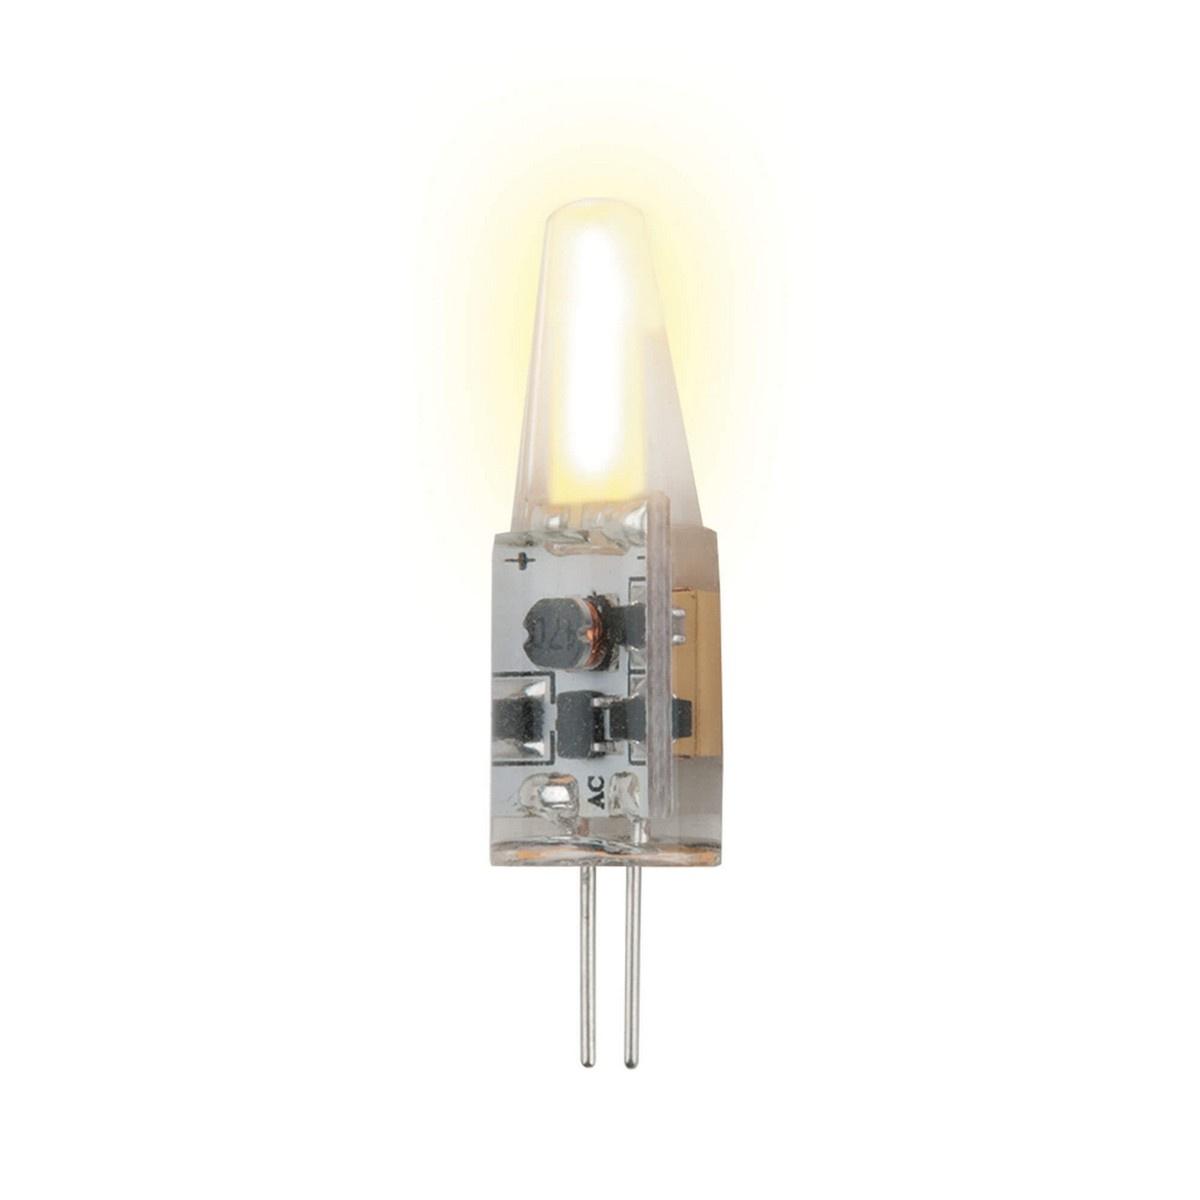 Лампа светодиодная (UL-00000183) G4 1,5W 3000K прозрачная LED-JC-12/1,5W/WW/G4/CL SIZ05TR uniel лампа галогенная uniel капсула прозрачная g4 35w jc 220 35 g4 cl 02585